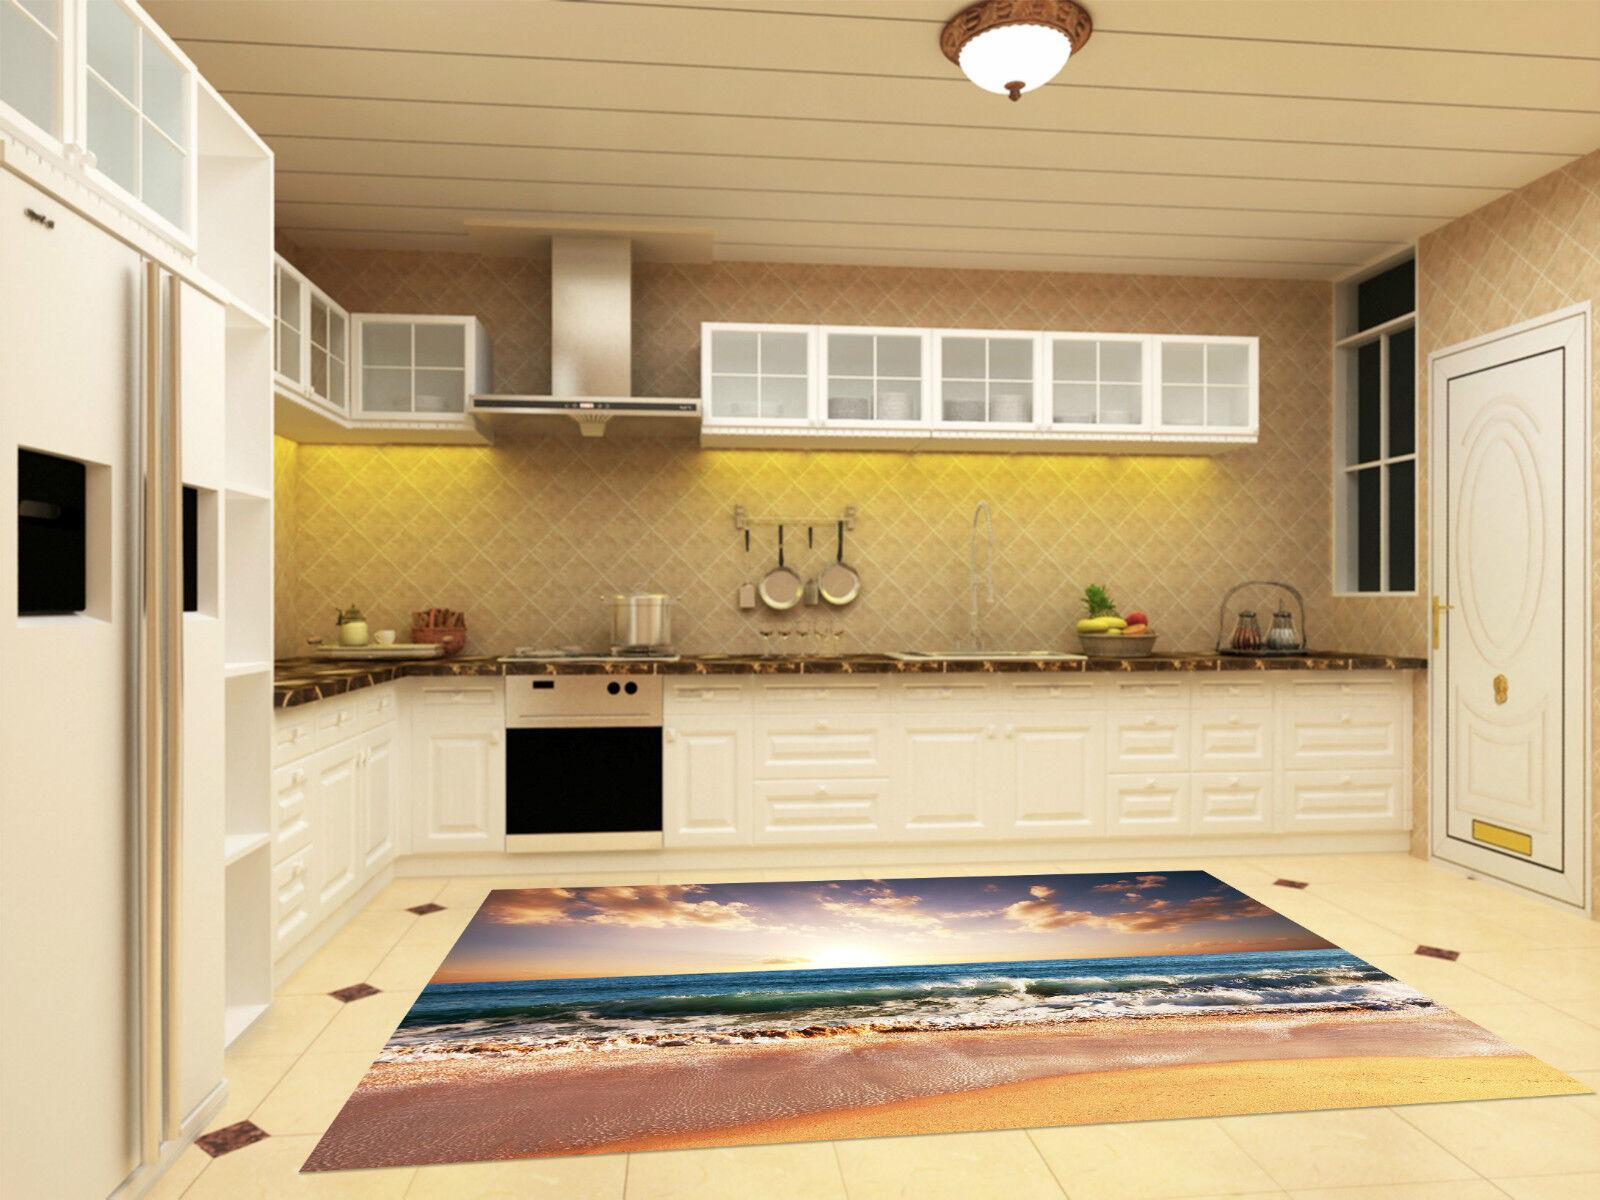 3D Sunny Sea 243 Kitchen Mat Floor Murals Wall Print Wall Deco AJ WALLPAPER CA